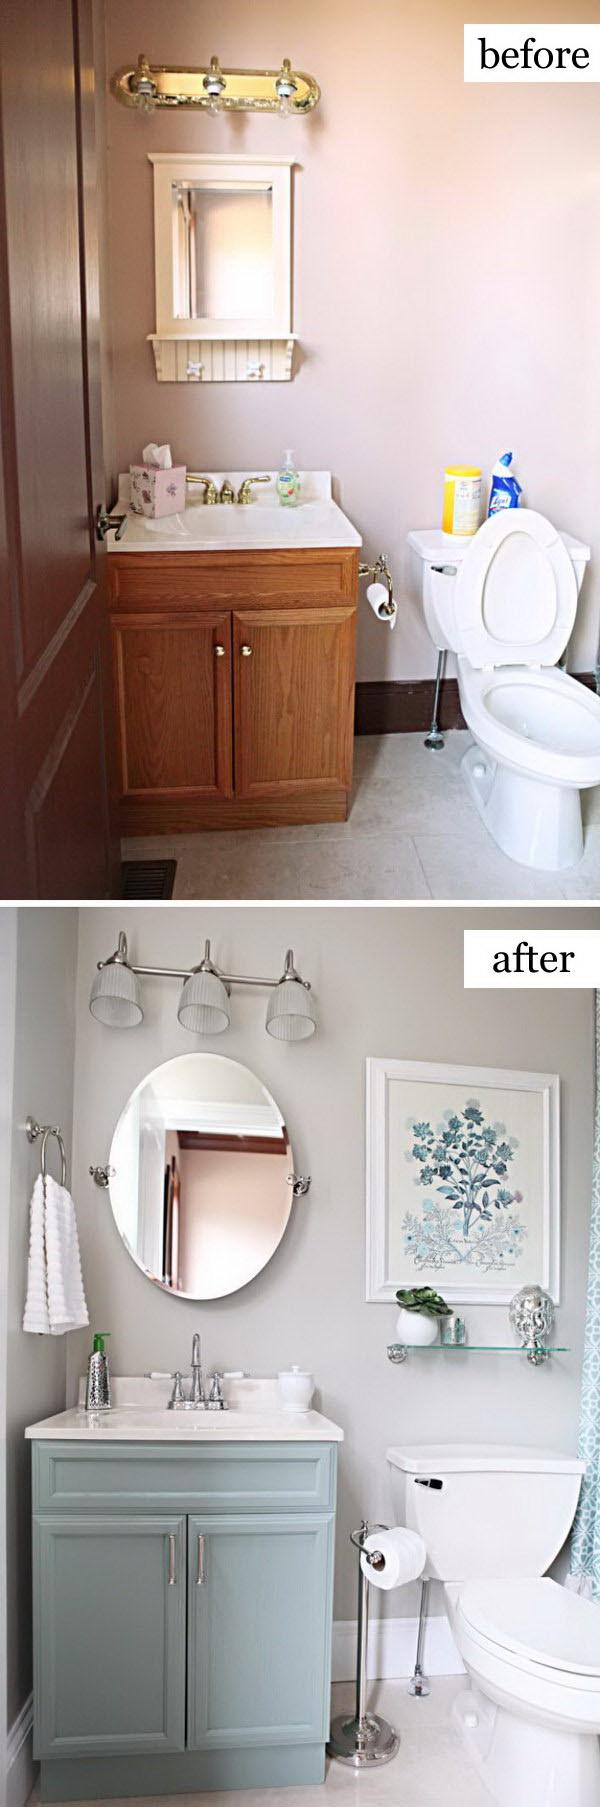 $459,00 Bathroom Remodeling.